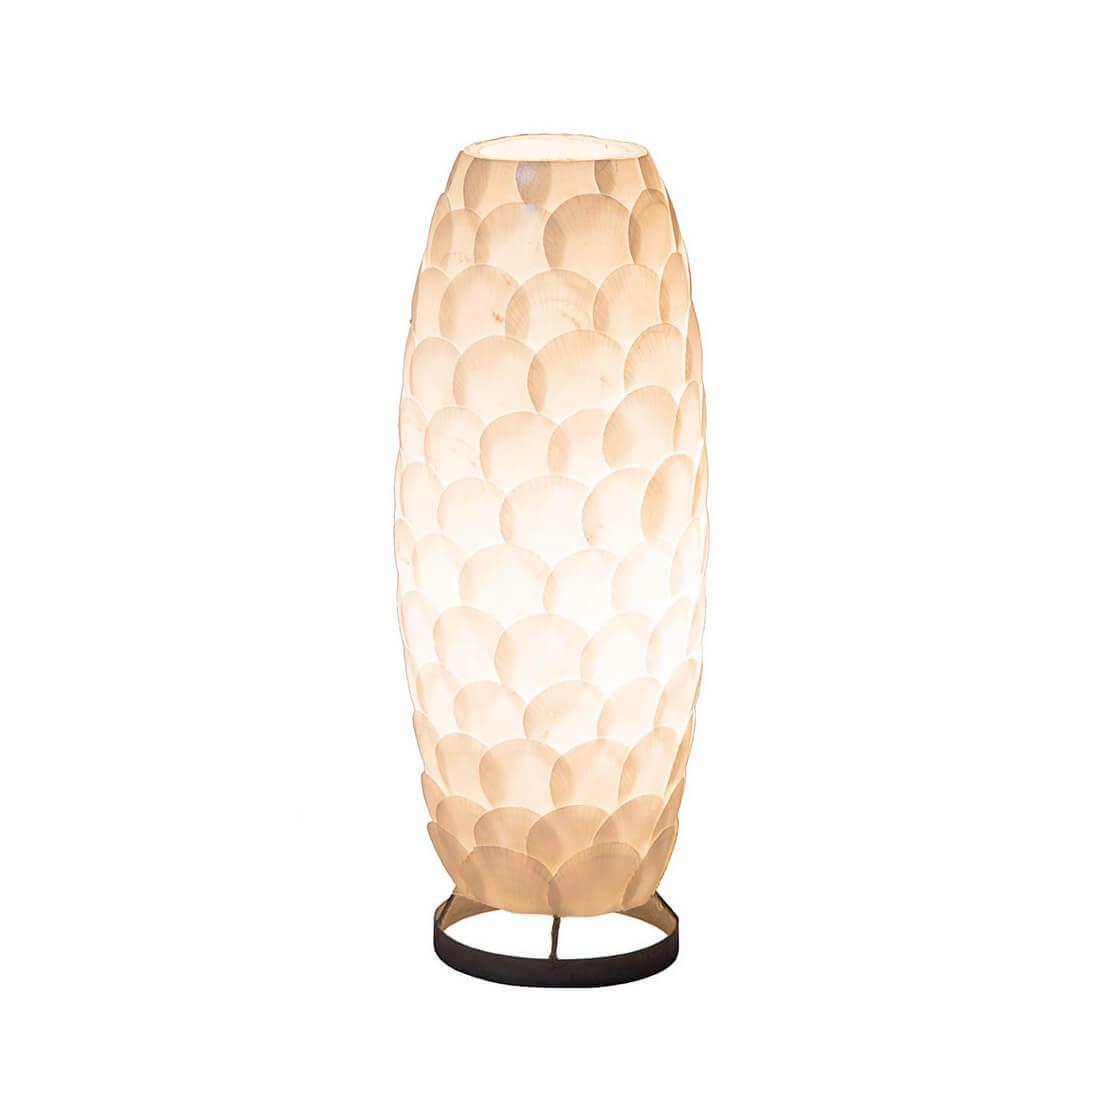 Настольная лампа Globo 25855T Bali настольная лампа globo 25855t